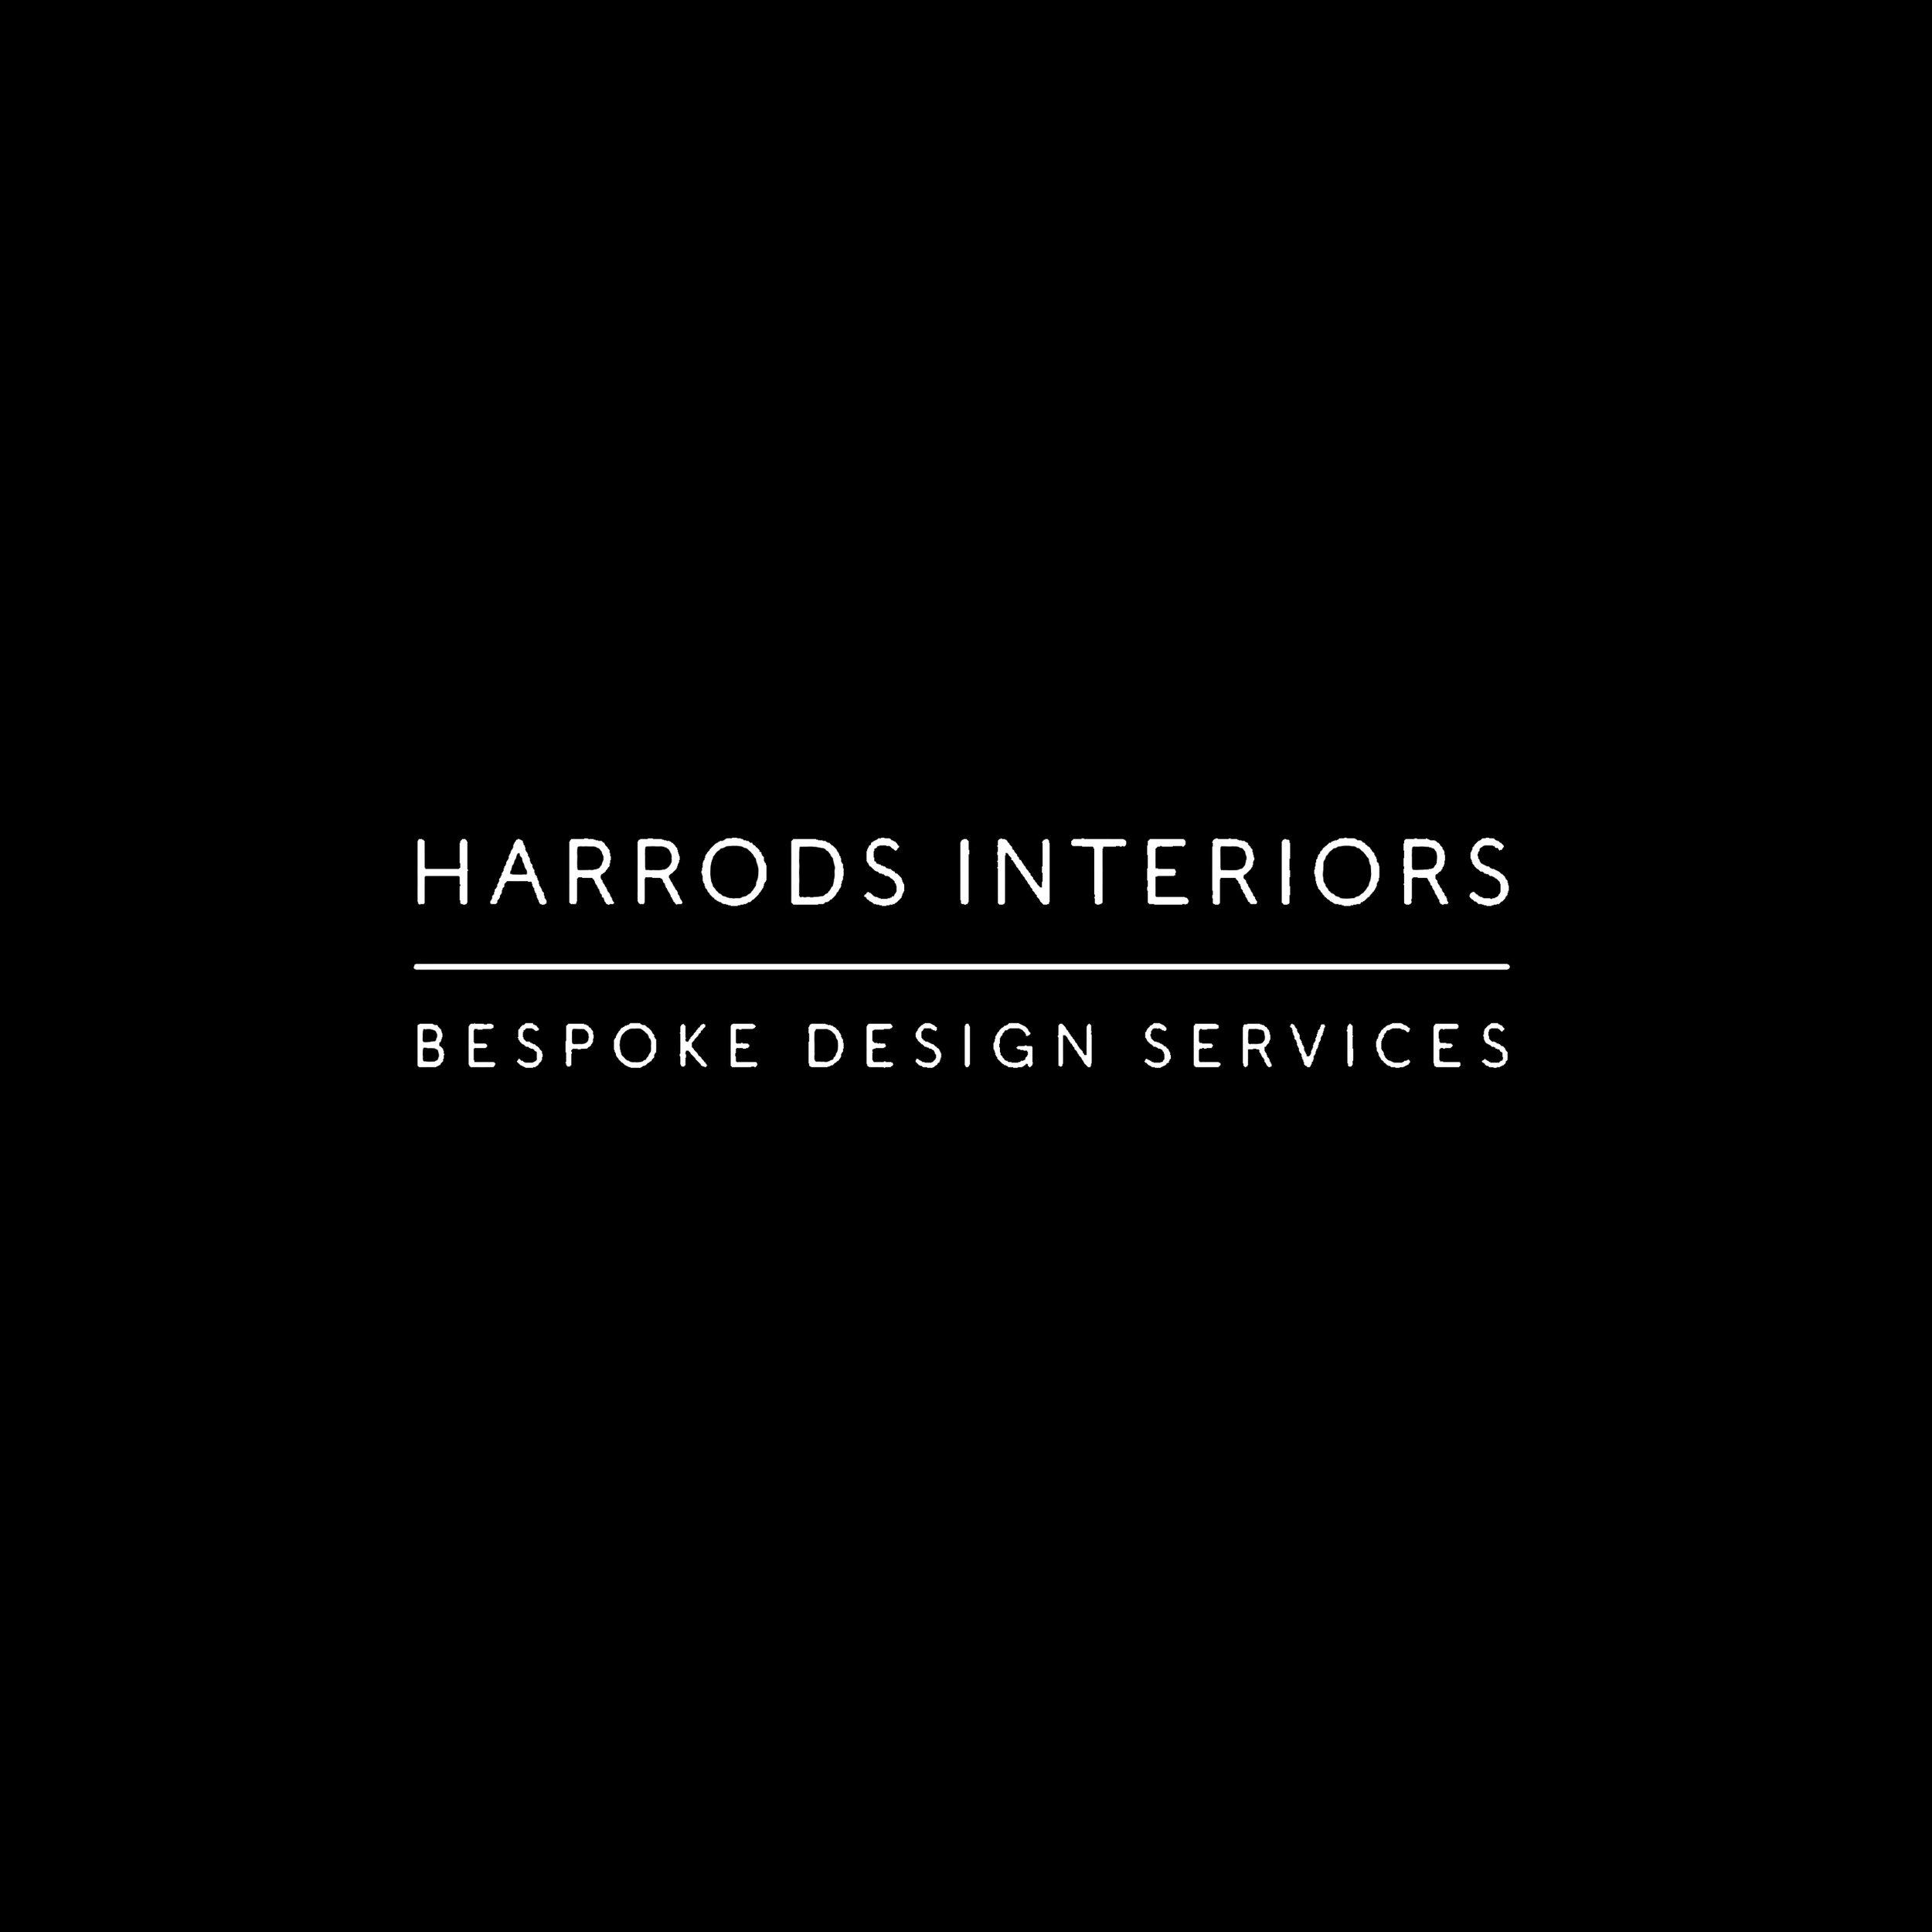 Harrods Interiors.jpg